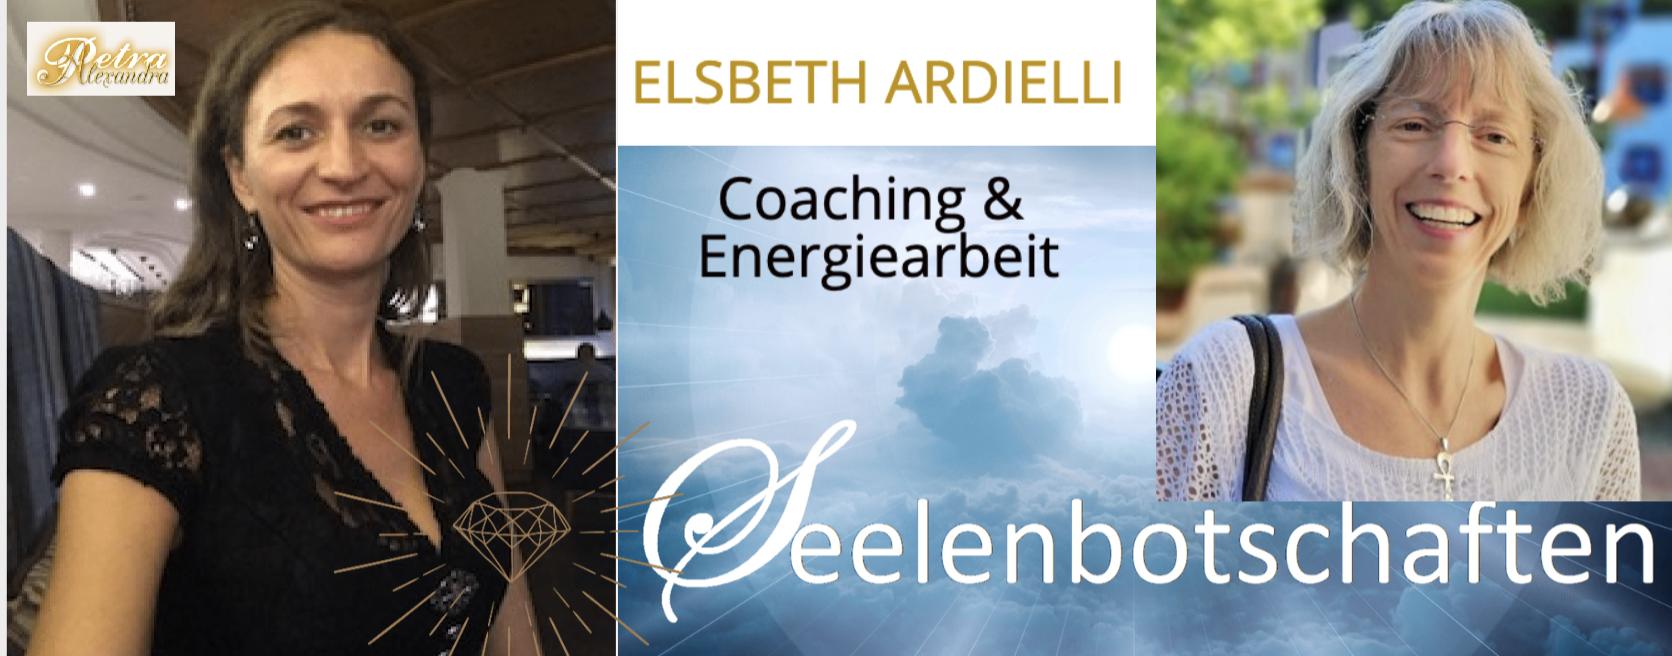 Klarheit überwindet: Elsbeth Ardielli